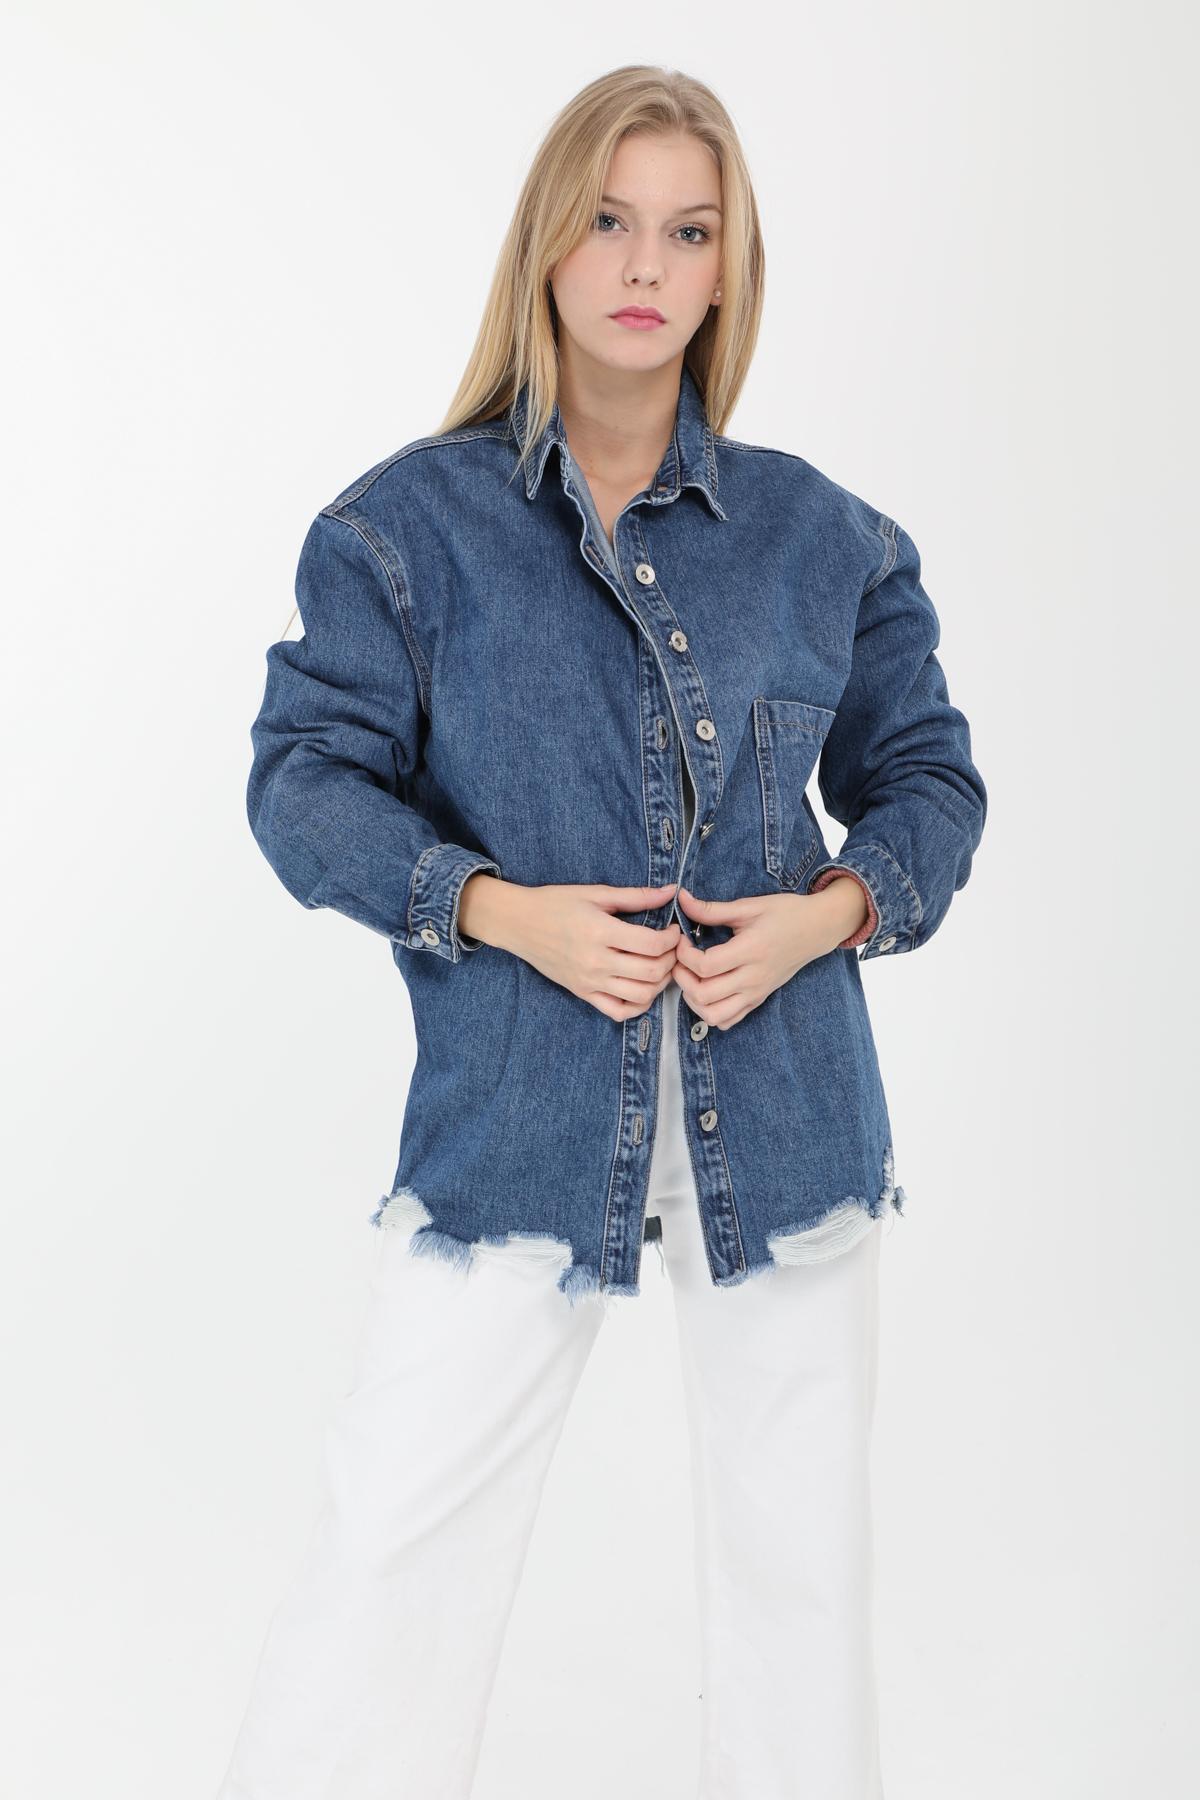 Chemises Femme Bleu Laulia 1J378 #c eFashion Paris